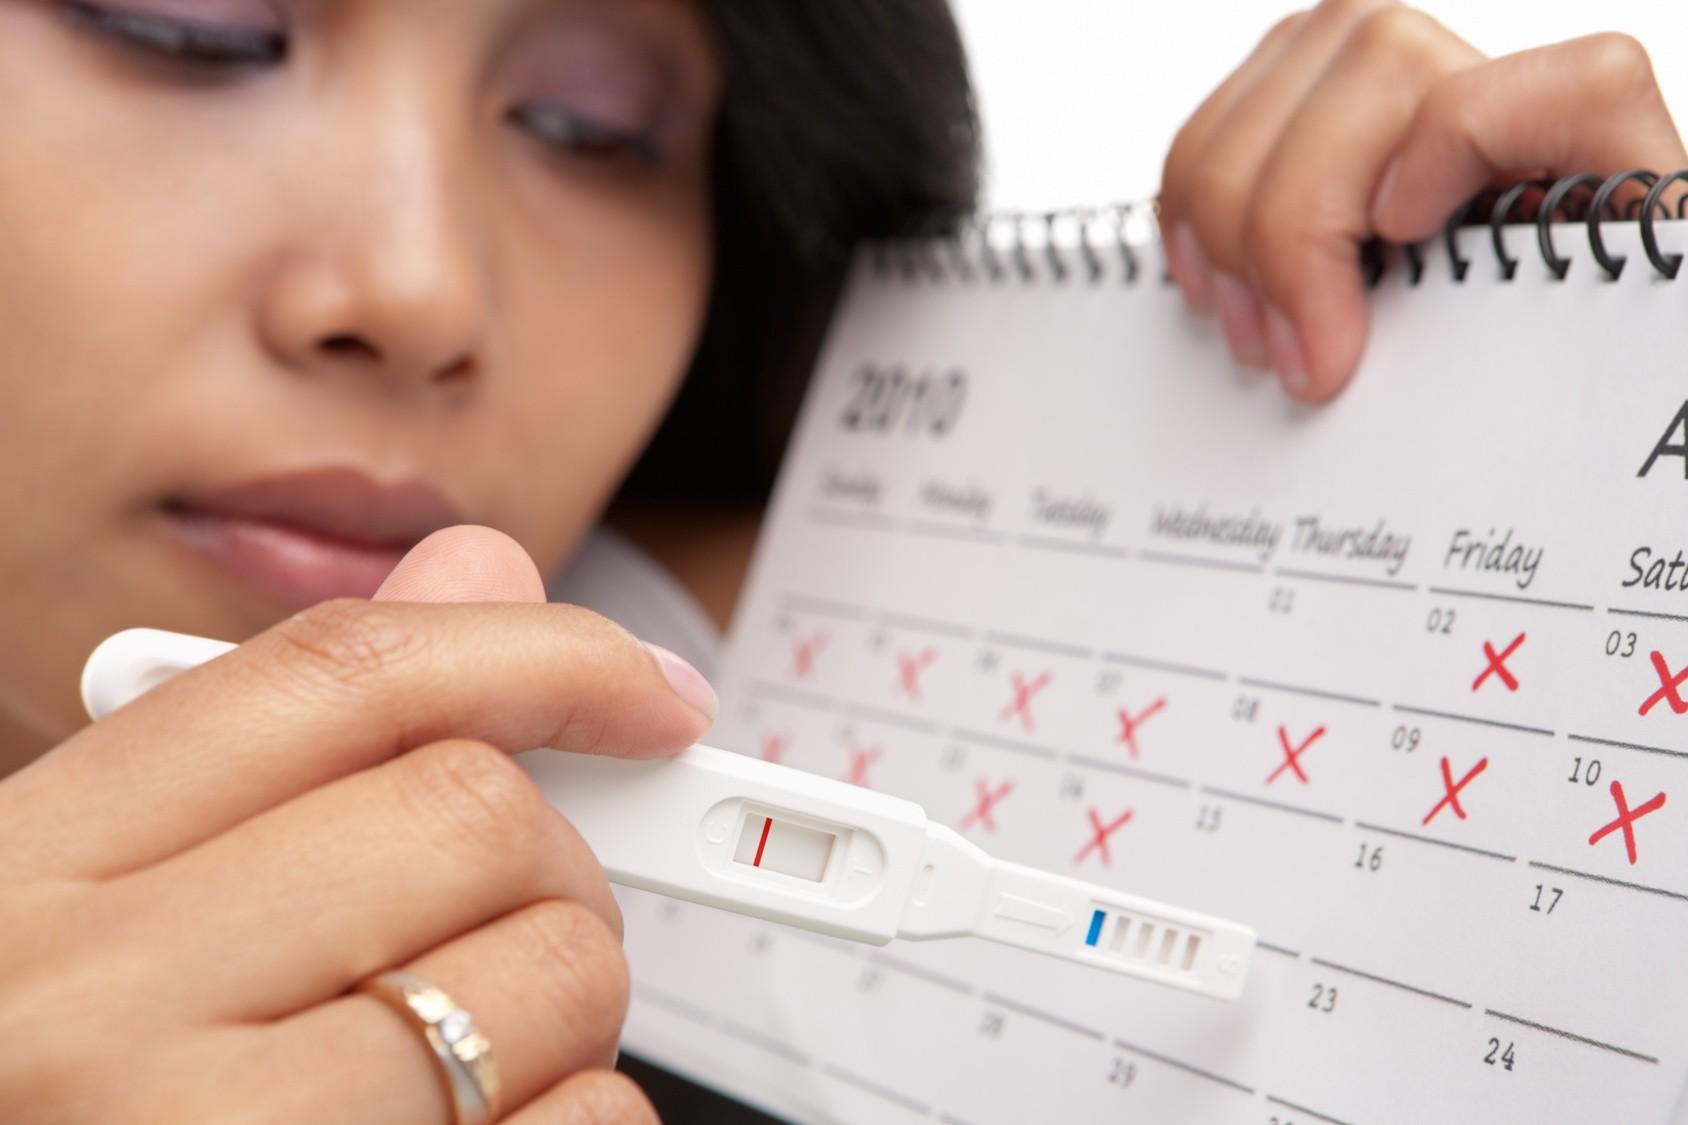 Дни когда можно забеременеть: как рассчитать без ошибок благоприятные для зачатия дни